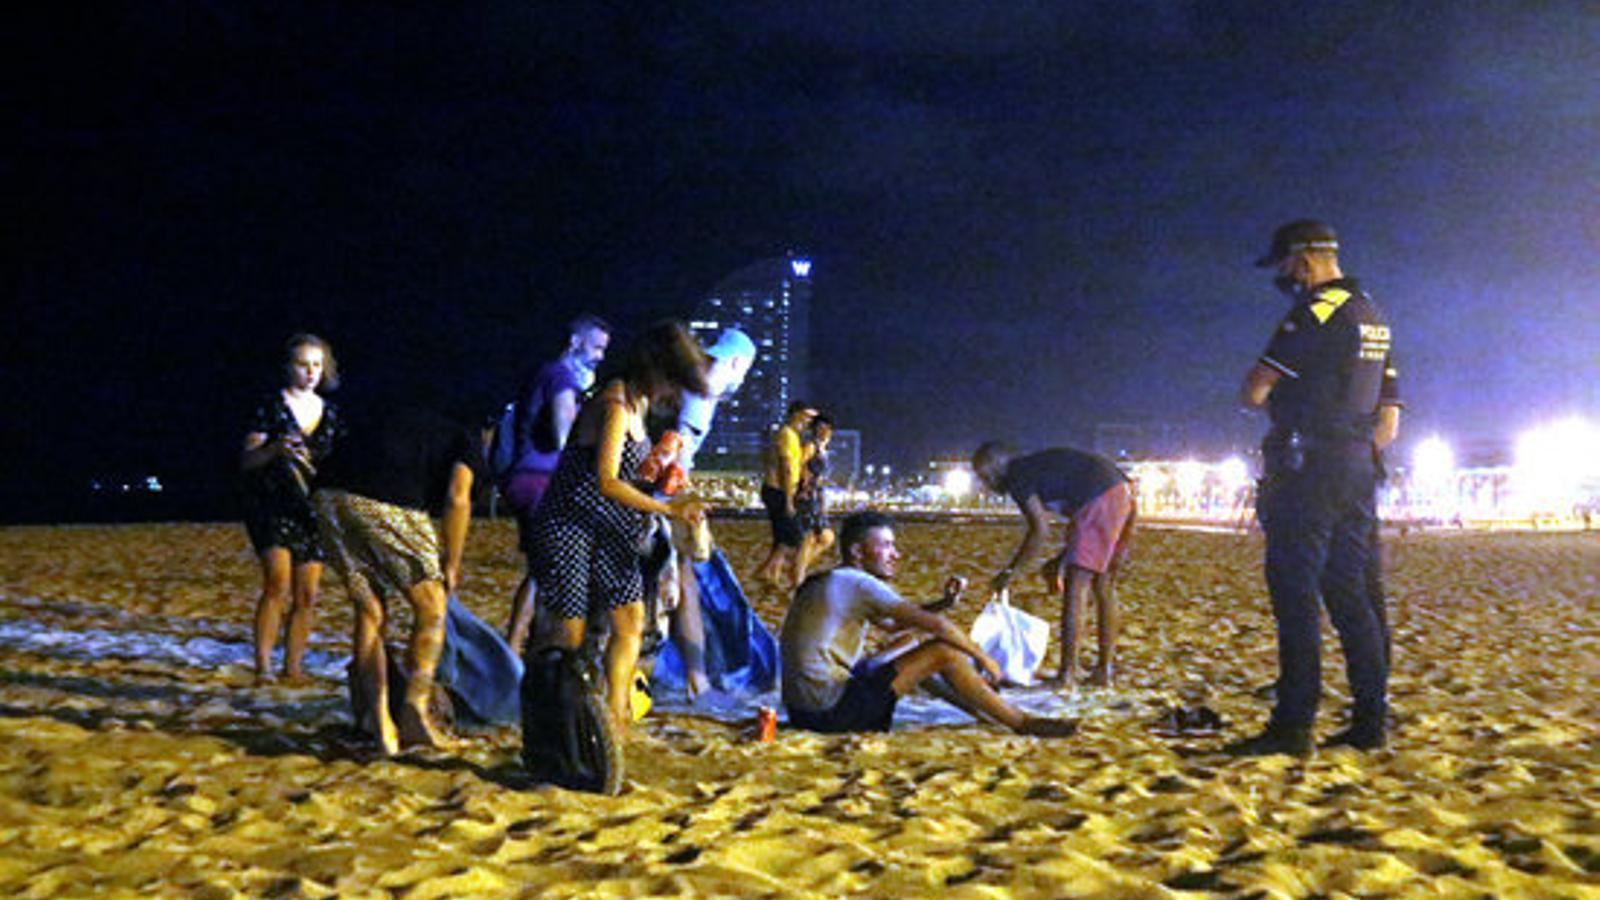 Un grup de persones que feia 'botellón' a la platja a Barcelona s'aixeca després de l'arribada de la Guàrdia Urbana, el passat 29 de juliol, quan va entrar en vigor la prohibició